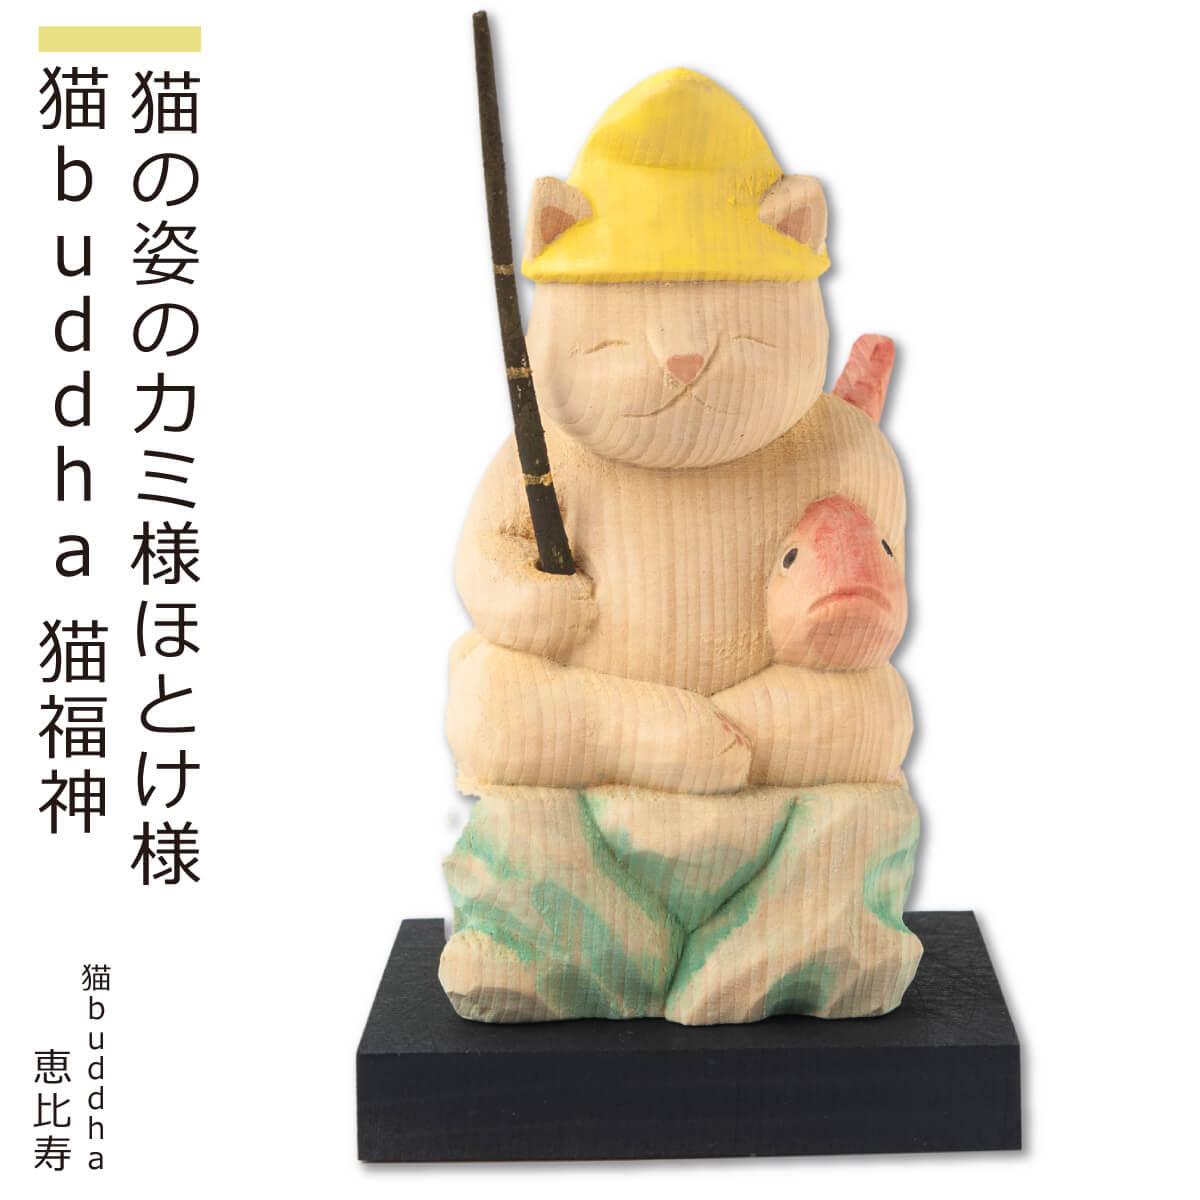 猫buddha 恵比寿 商売繁盛にゃ ≫ にゃんブッダ 癒される猫姿の神さま仏さま 仏屋さかい原型 監修 2020 置物 すべて木彫りで作っちゃいました 猫 ギフト 木彫り ギフ_包装 仏像 プレゼント ねこ